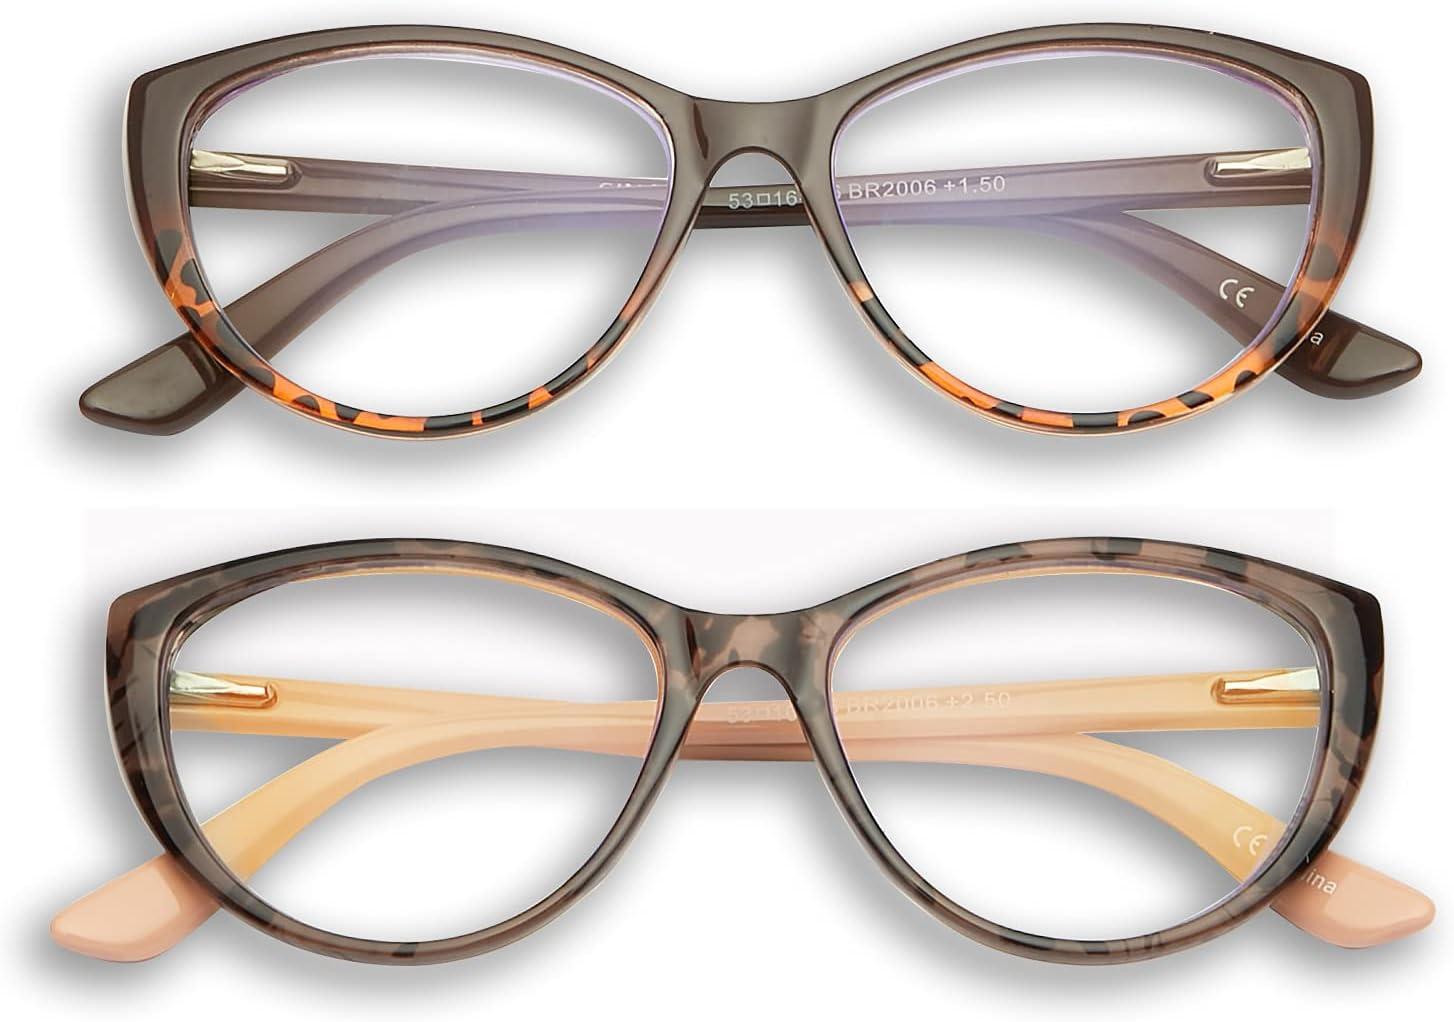 Cat Eye Reading Glasses for Women,GINGEREYE 200 Pack Fashion Ladies Blue  Light Reader +200.20,Anti Glare Eyeglasses W/Spring Hinge